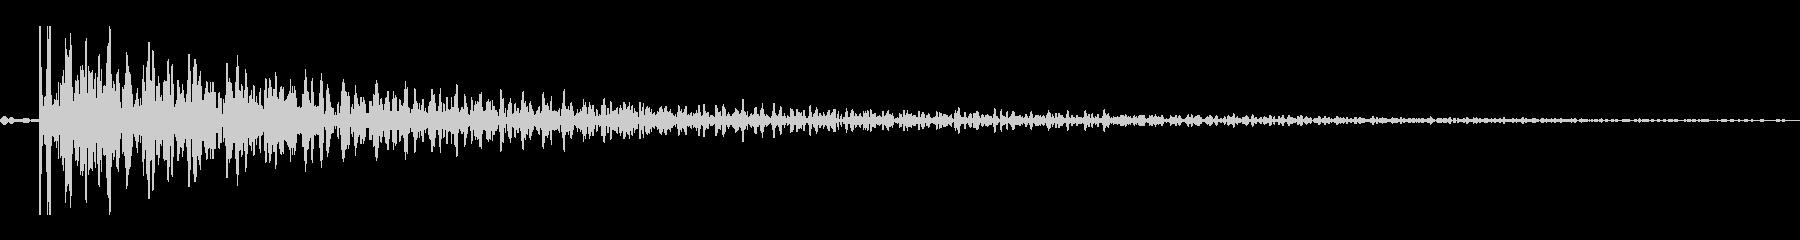 ボワン(コミカルな残念音)の未再生の波形